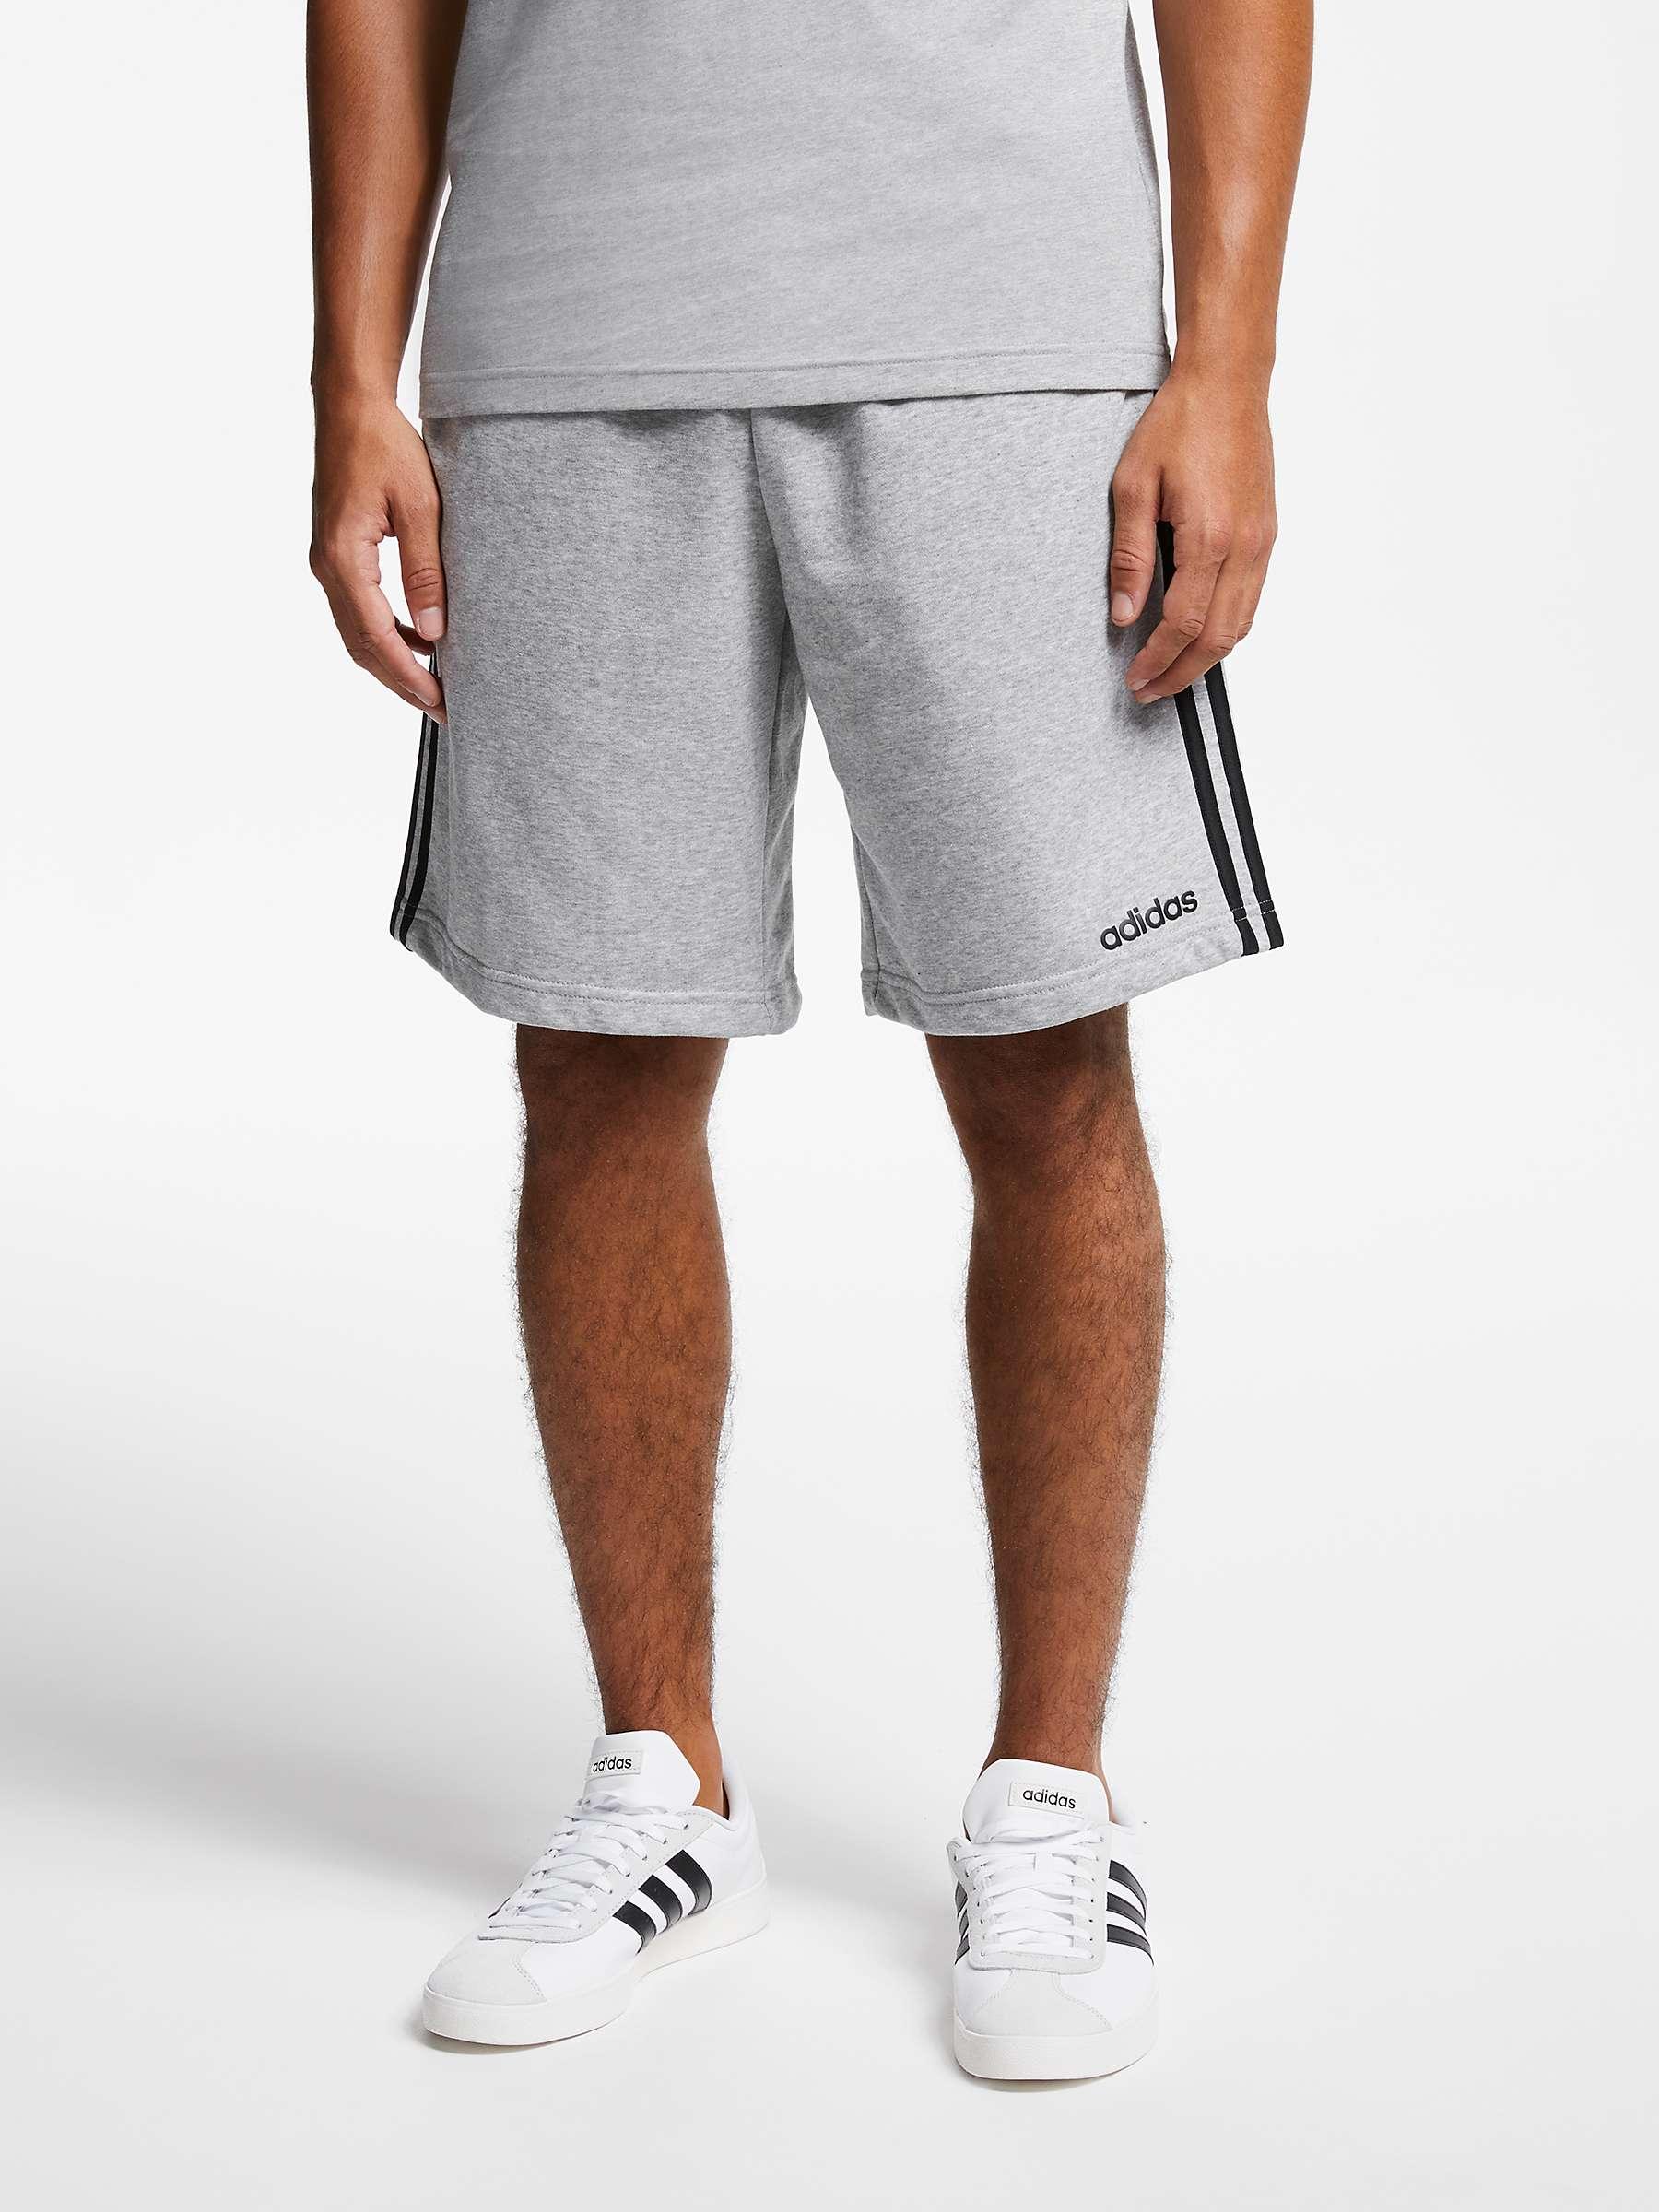 adidas Essentials 3 Stripes French Terry Shorts, Medium Grey